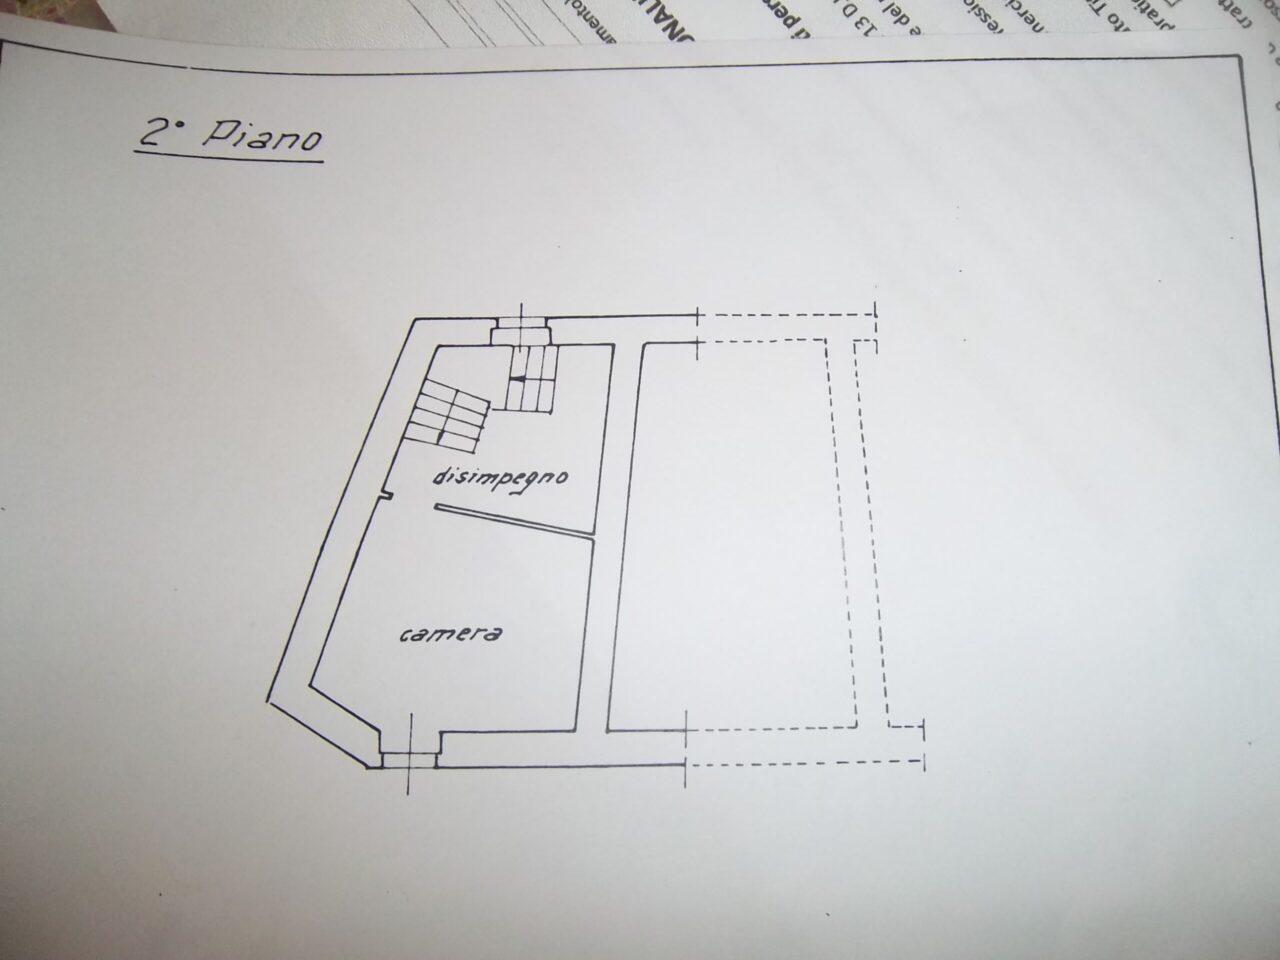 planimetria VRI 2273 BA 2